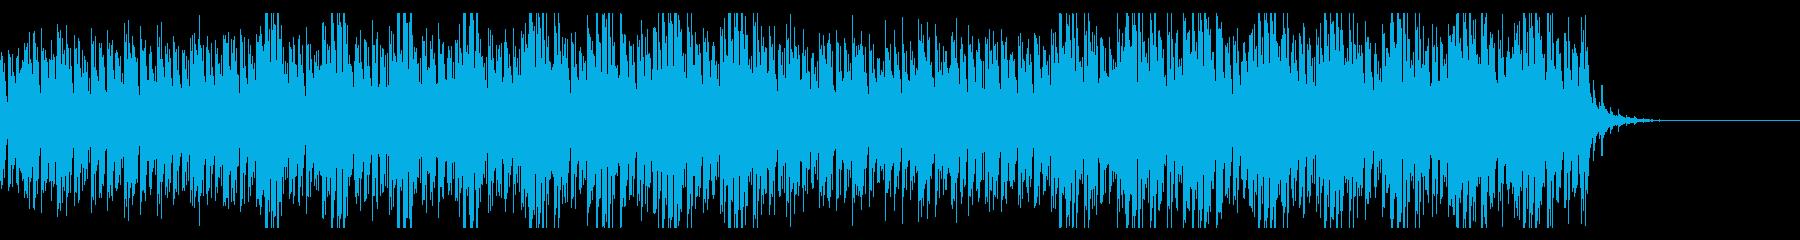 異変に気づいて、思考を巡らせるBGMの再生済みの波形